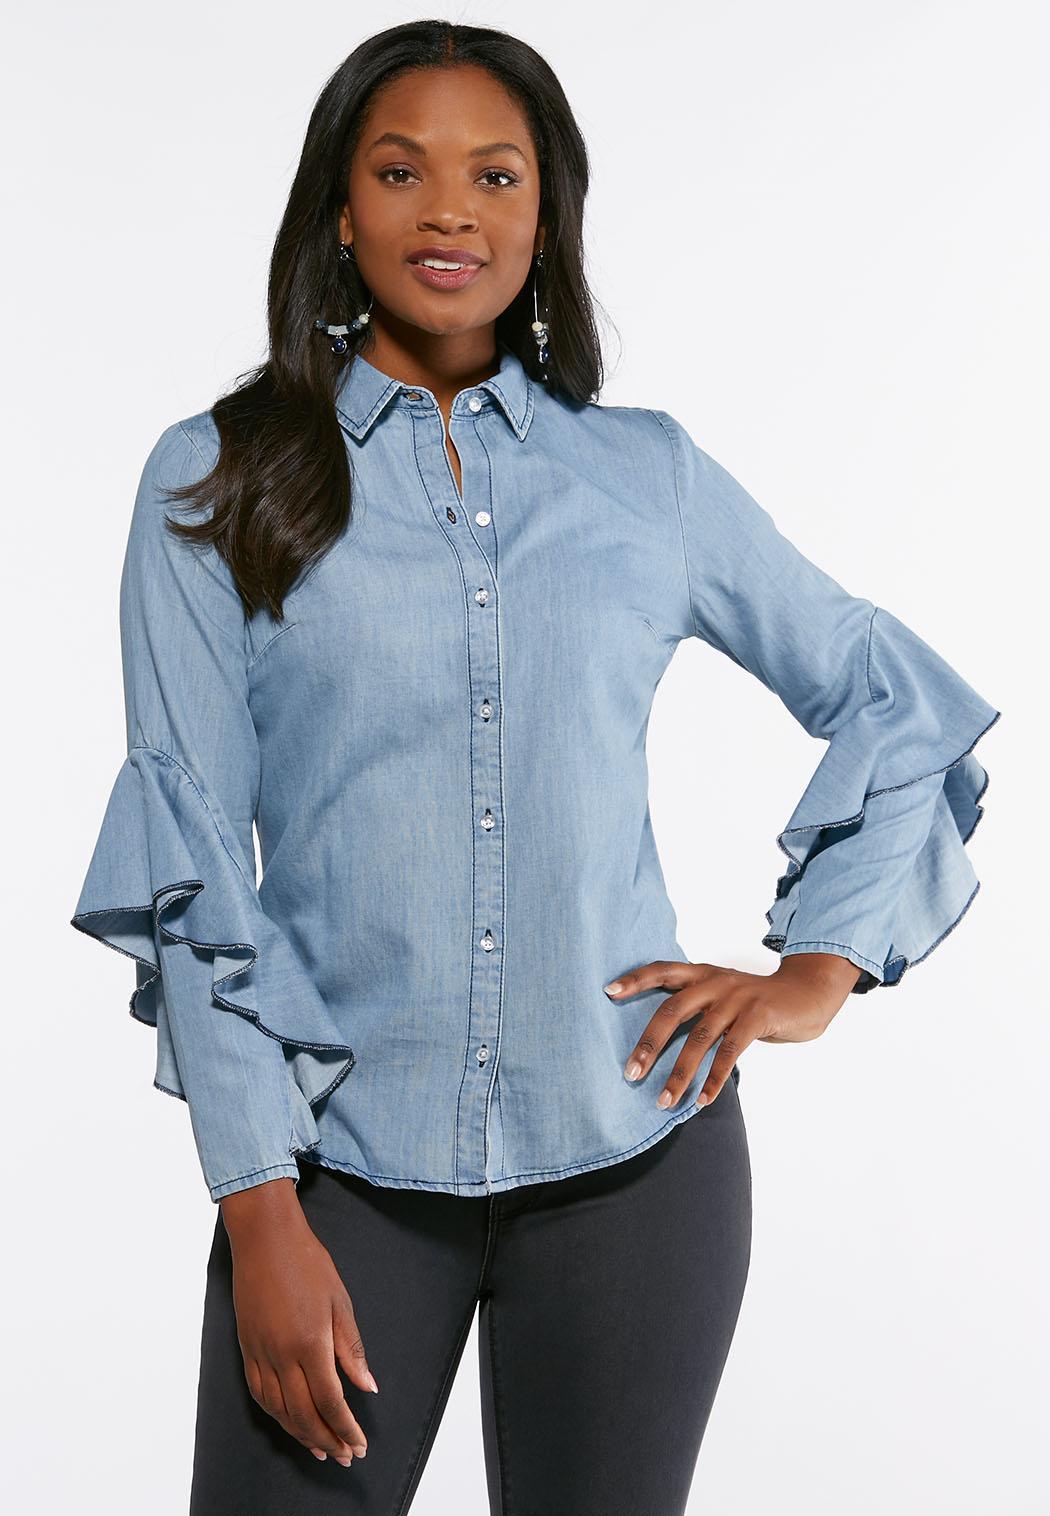 96a1a974437a0 Women s Shirts   Blouses